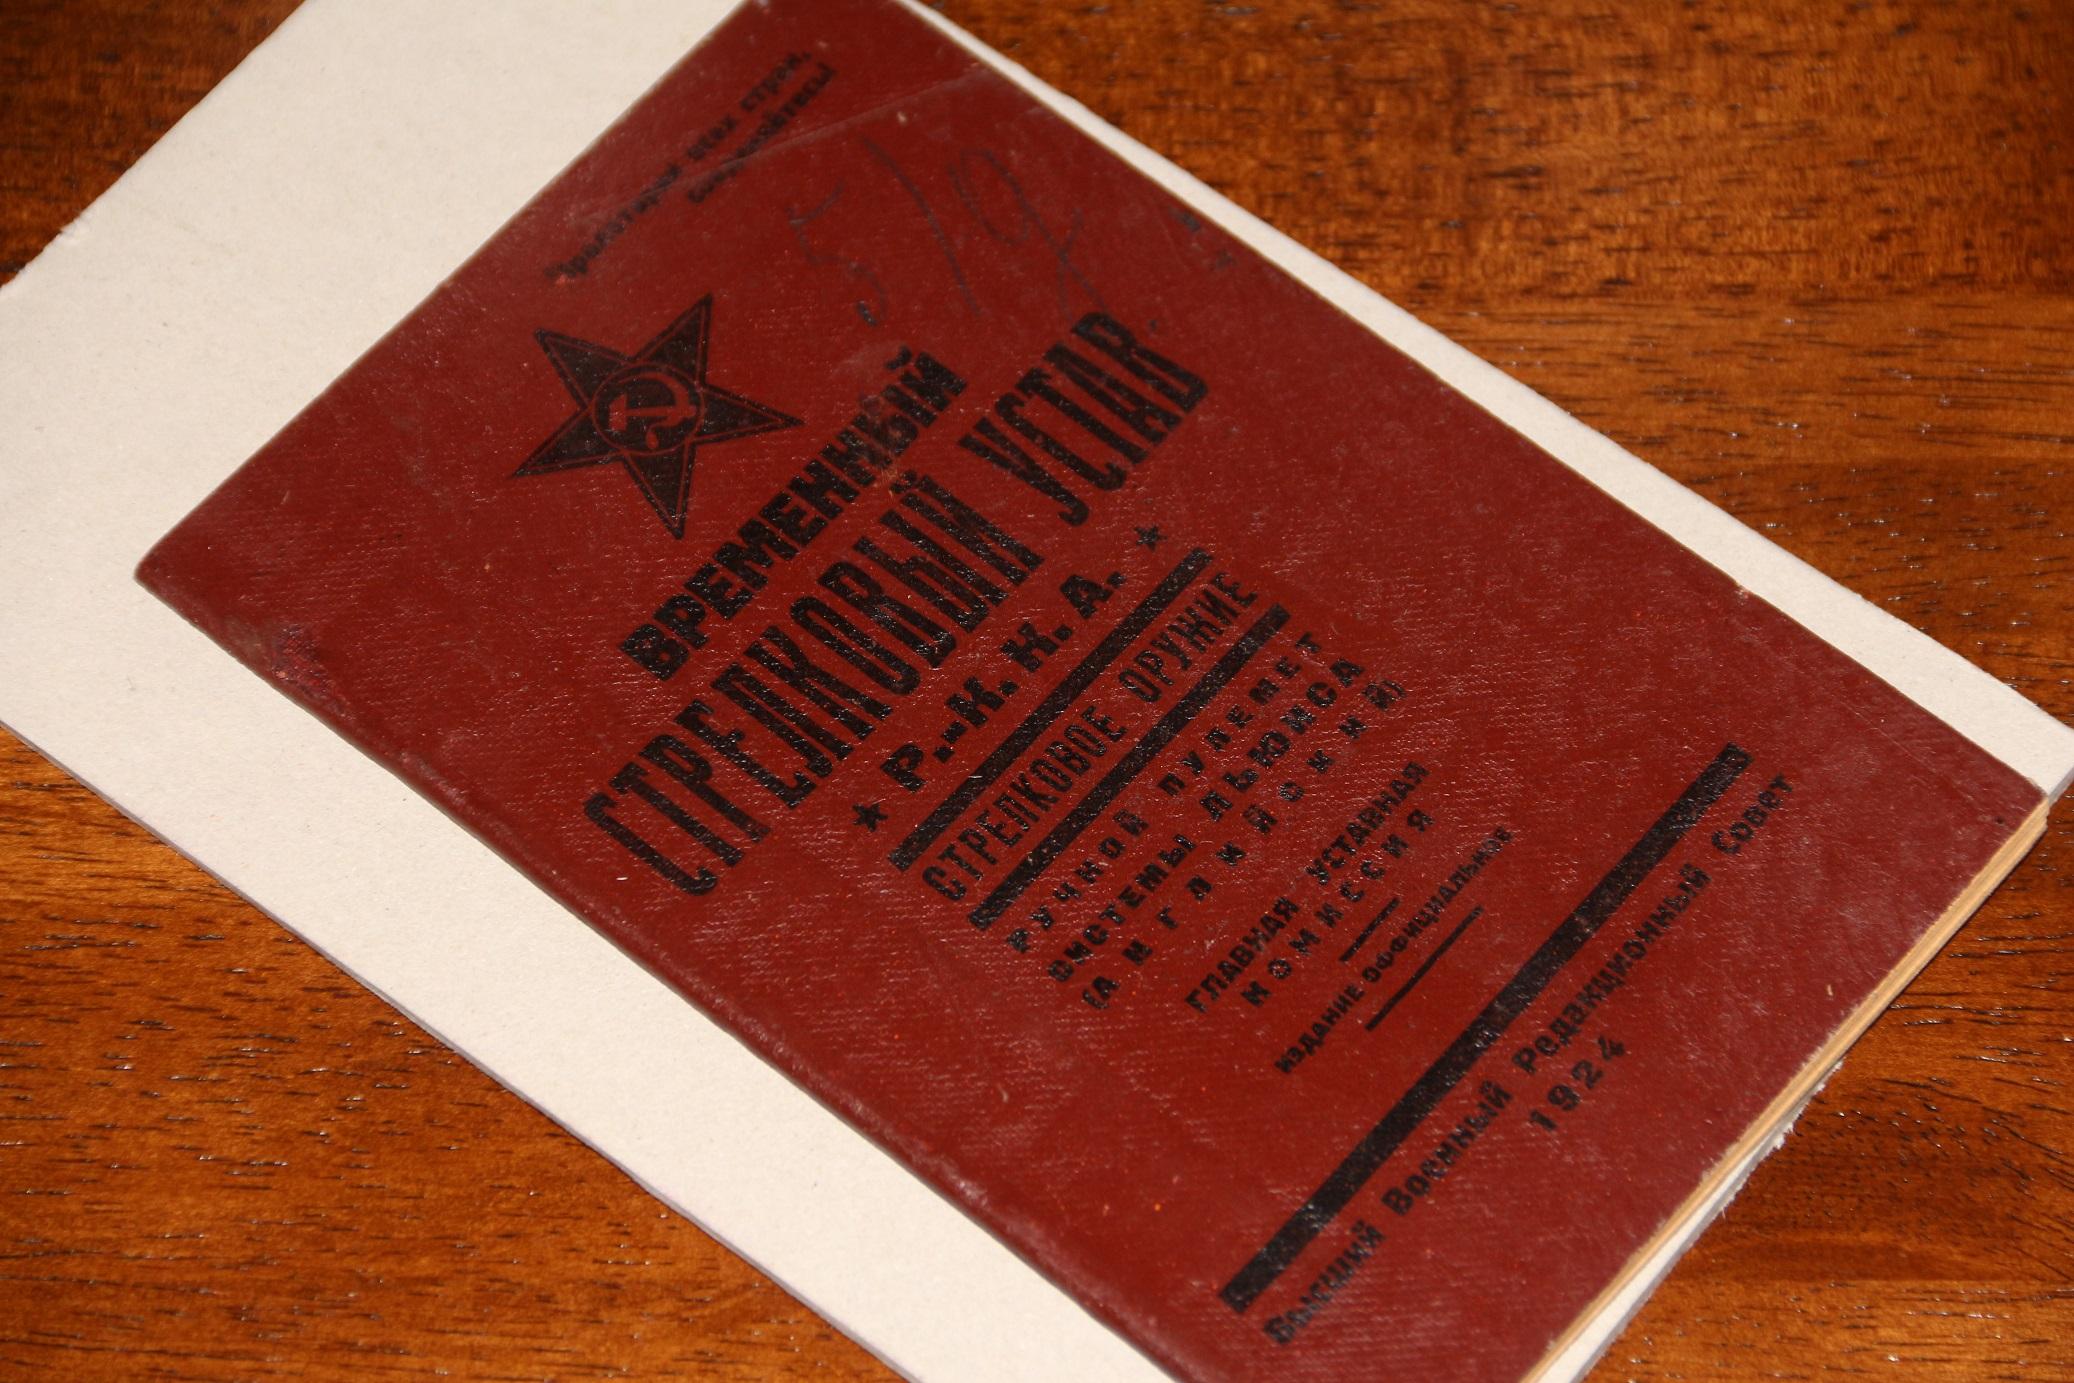 Фото «Временный стрелковый устав РККА пулемет Льюис», СССР 1924 год, роскошь